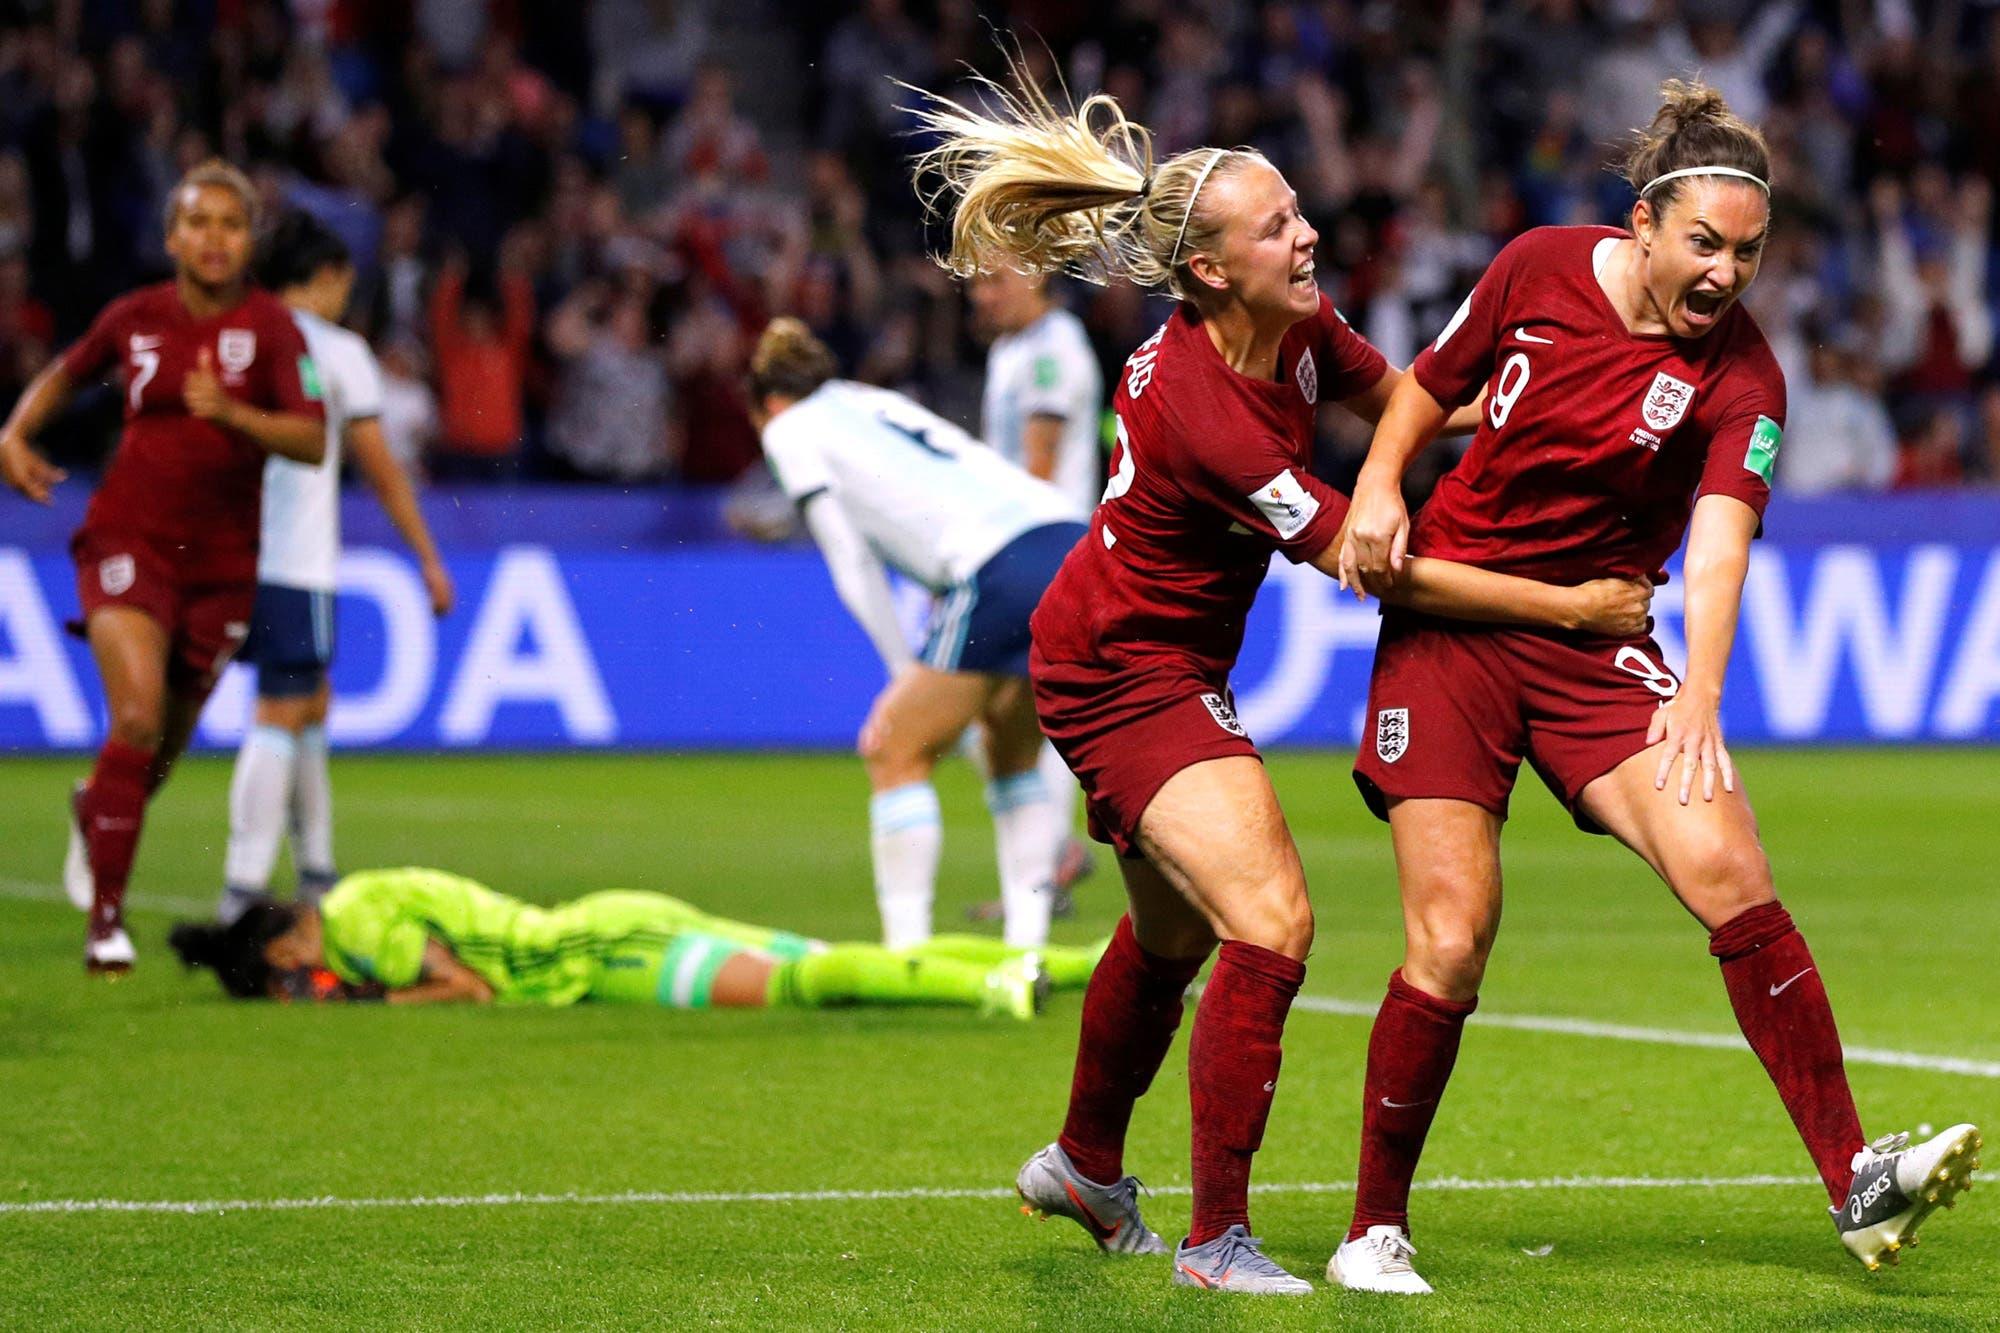 La selección argentina perdió 1 a 0 contra Inglaterra y ahora buscará dar el golpe ante Escocia